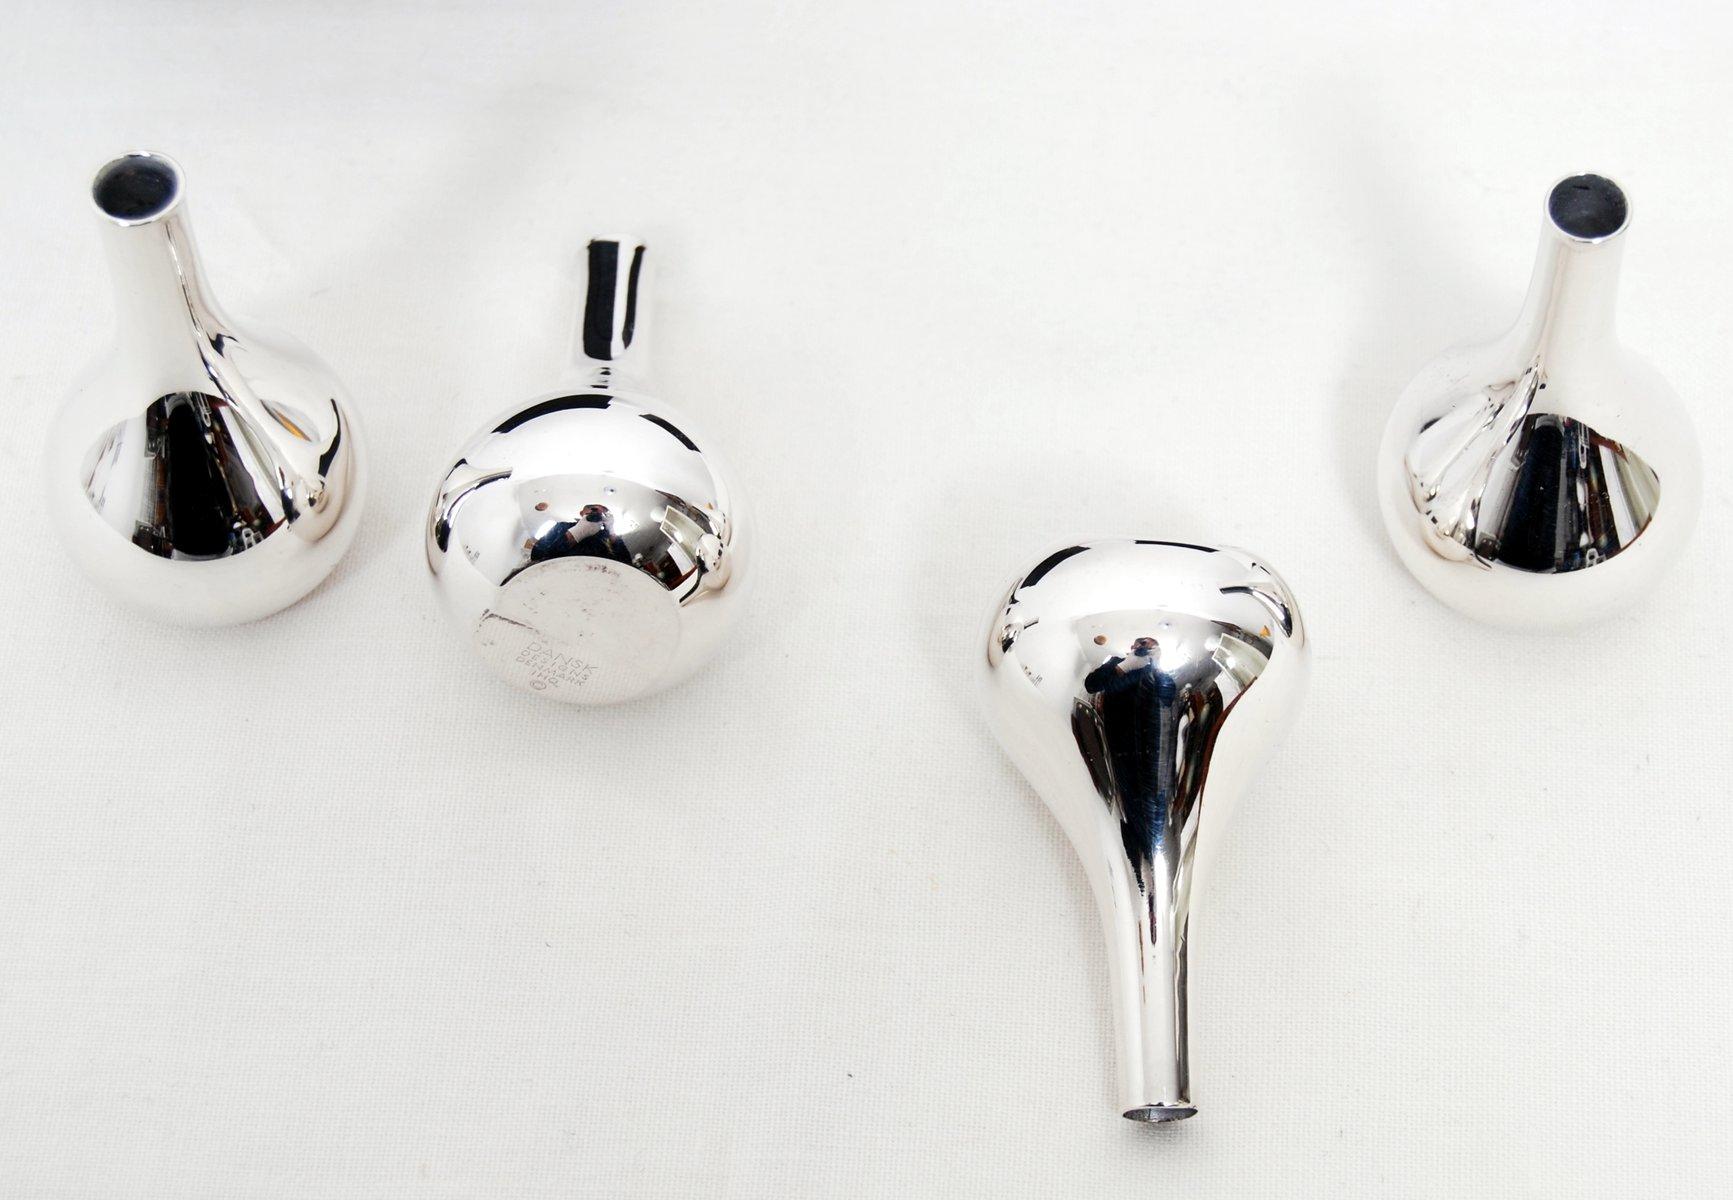 Vintage Danish Candlesticks by Jens Quistgaard for Dansk Design, Set of 4 for sale at Pamono